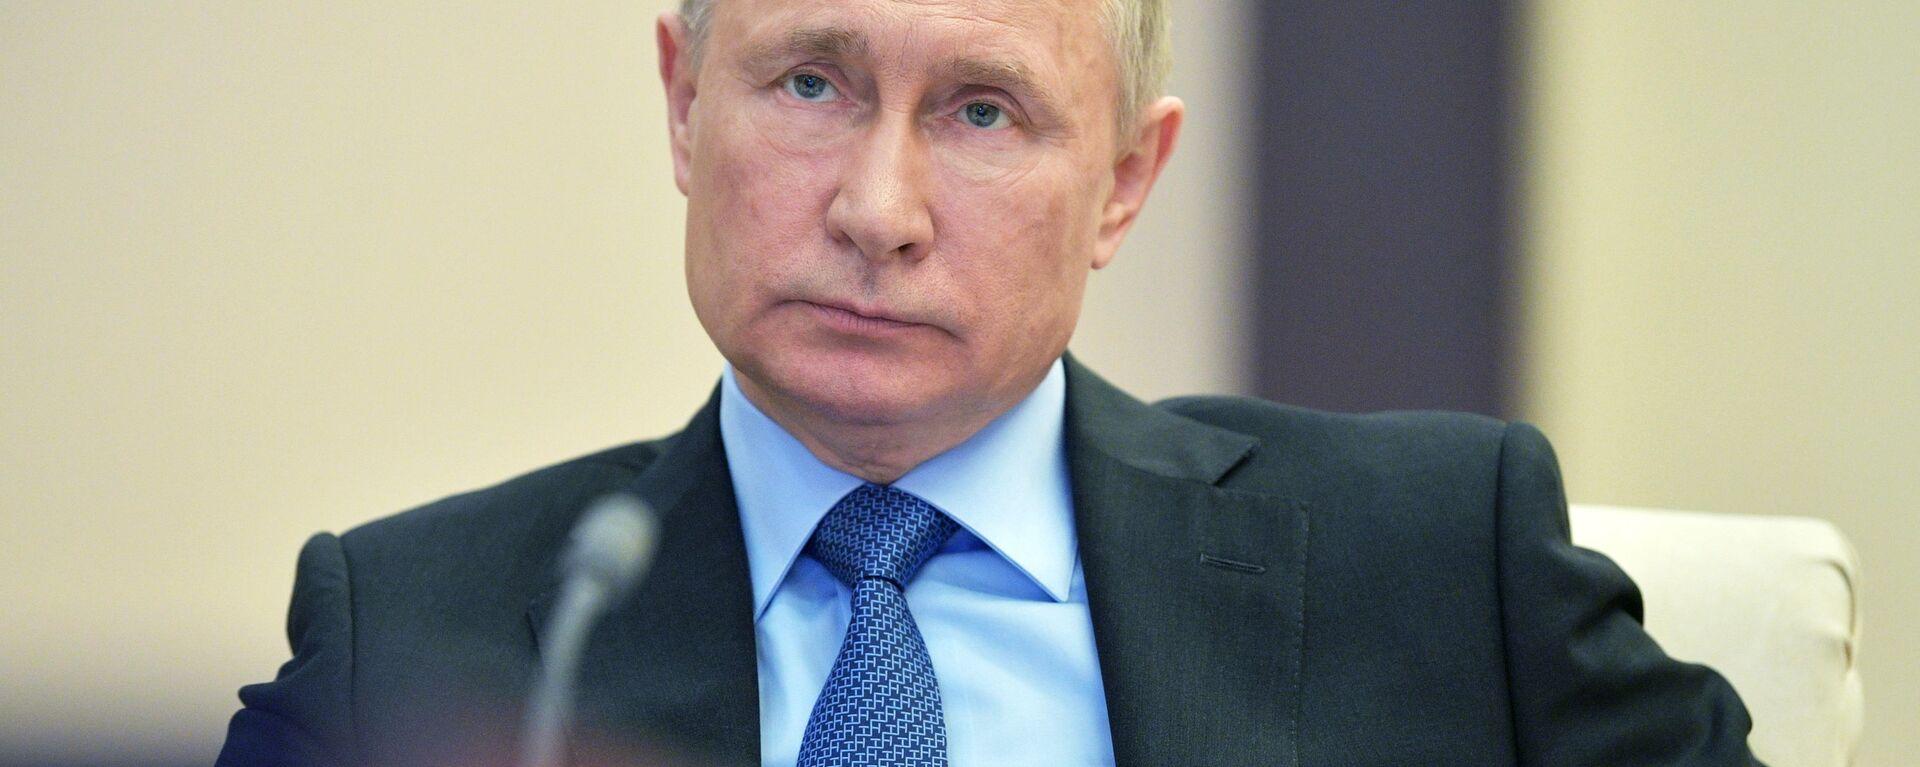 Ruský prezident Vladimir Putin. 9. dubna 2020 - Sputnik Česká republika, 1920, 21.04.2021